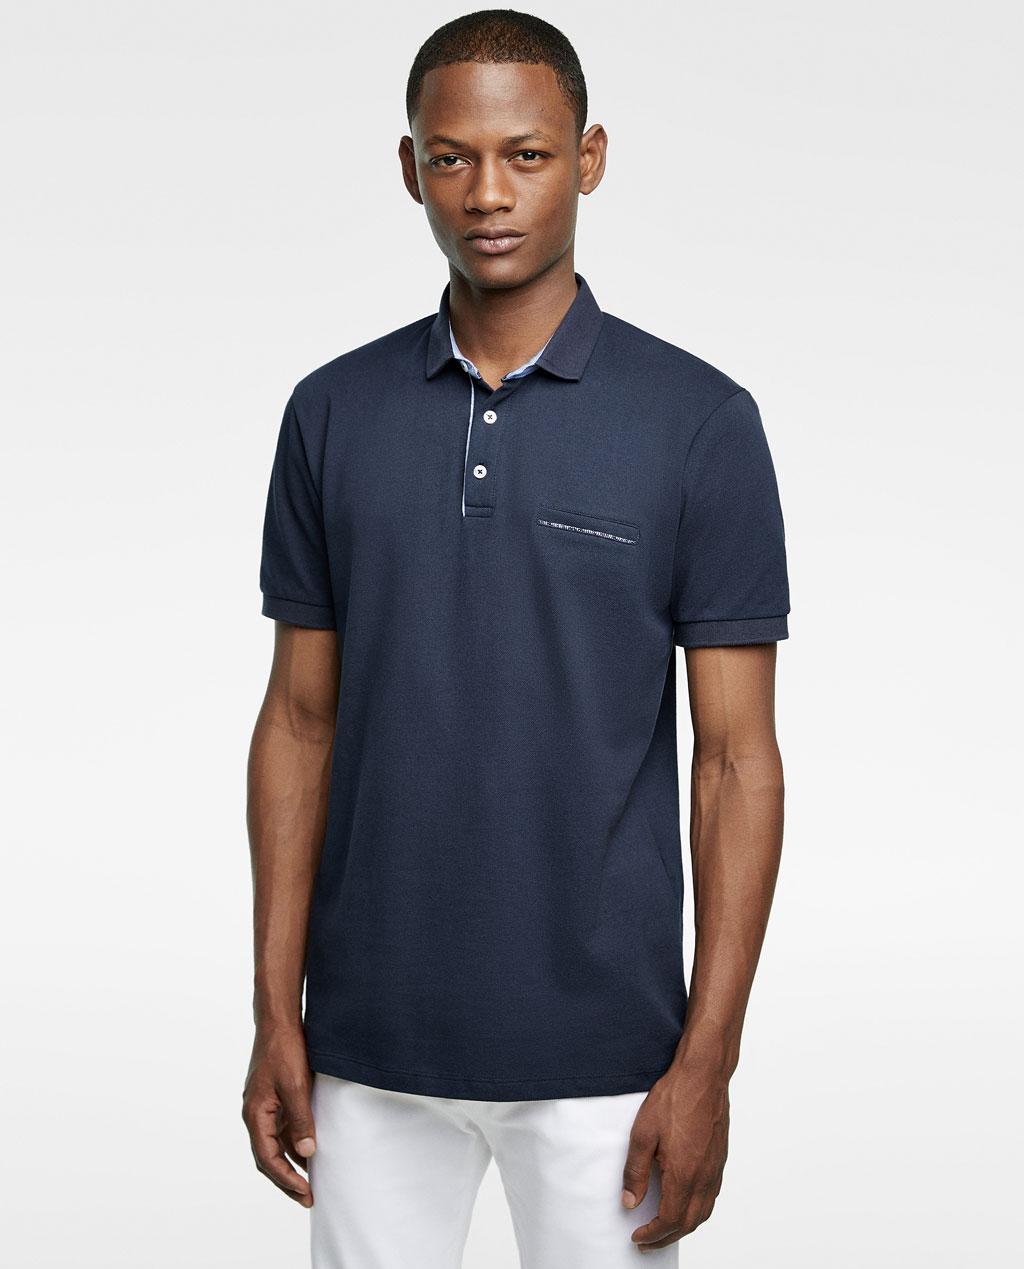 Thời trang nam Zara  23905 - ảnh 4